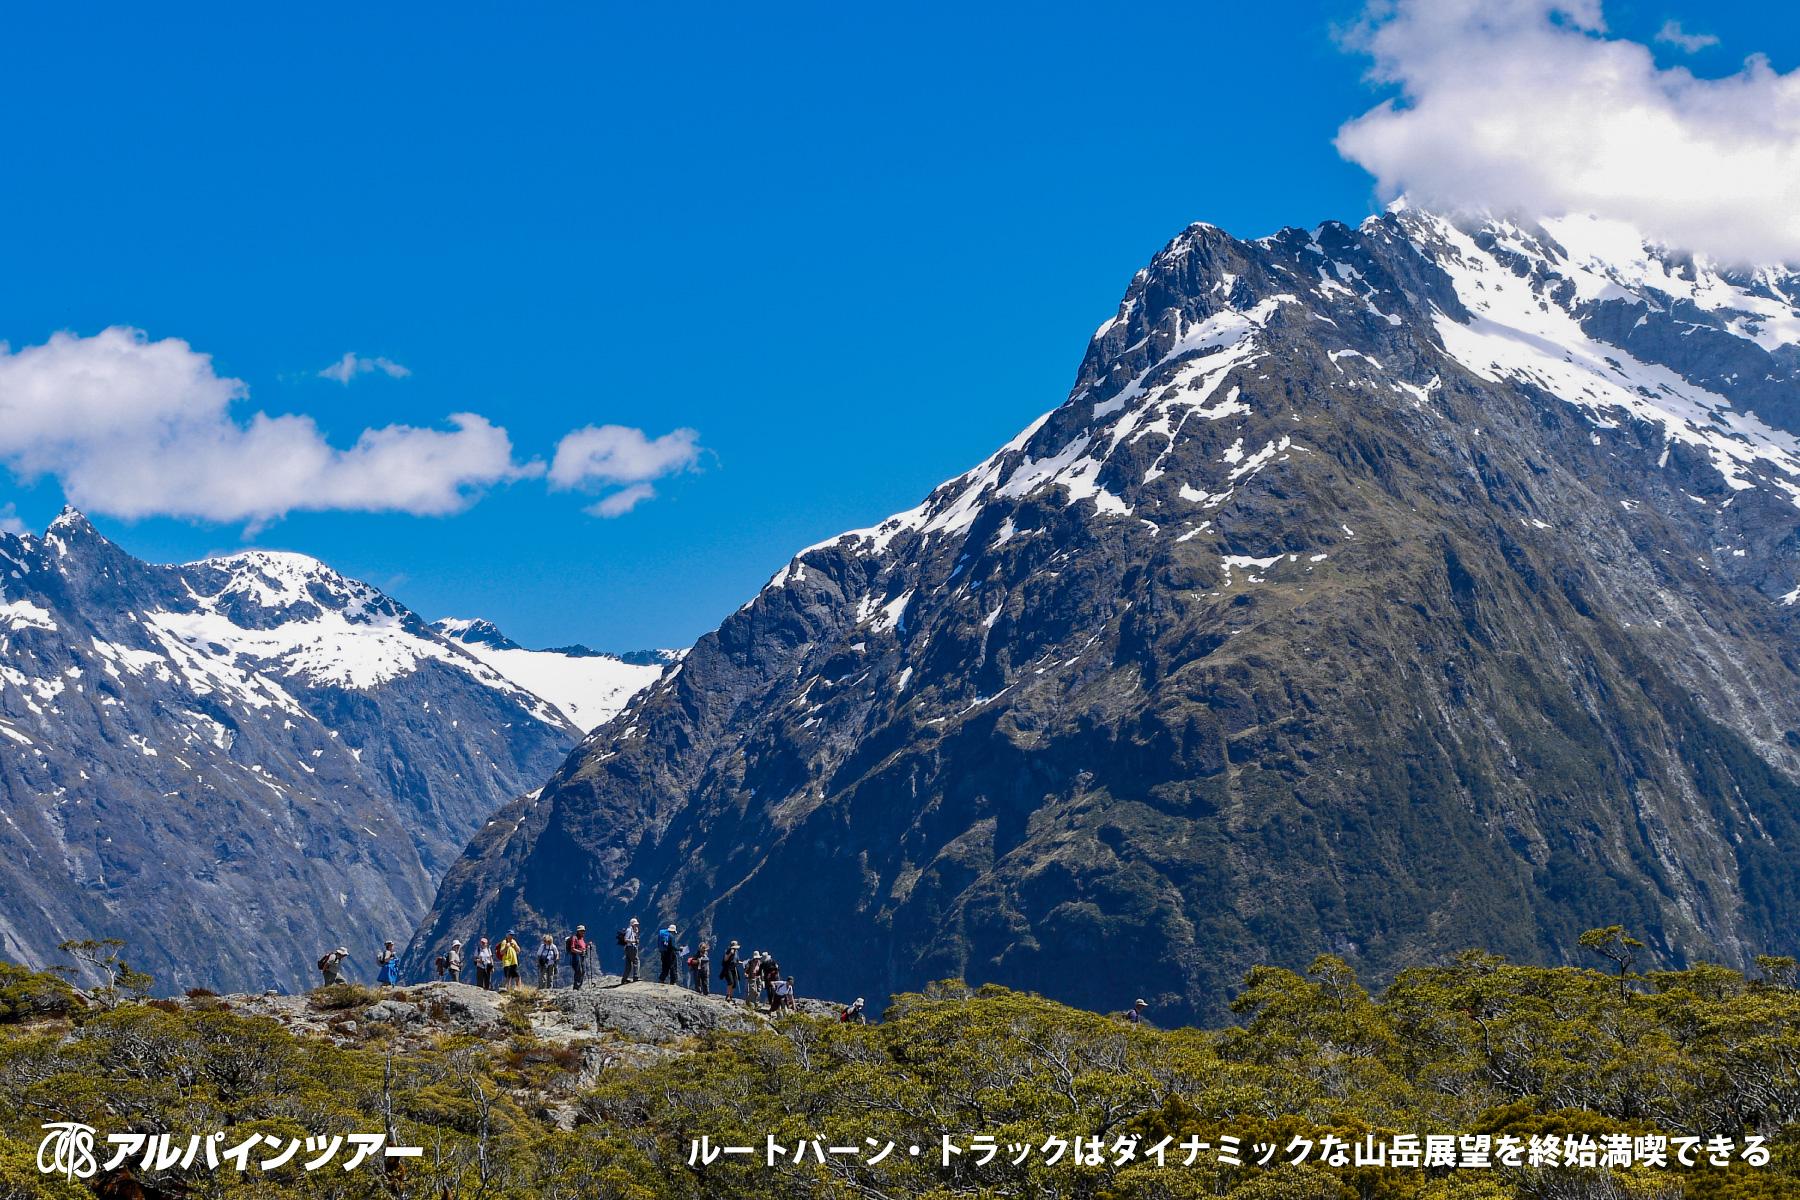 【エリア紹介】 山岳展望を満喫するルートバーン・トラック(ニュージーランド)